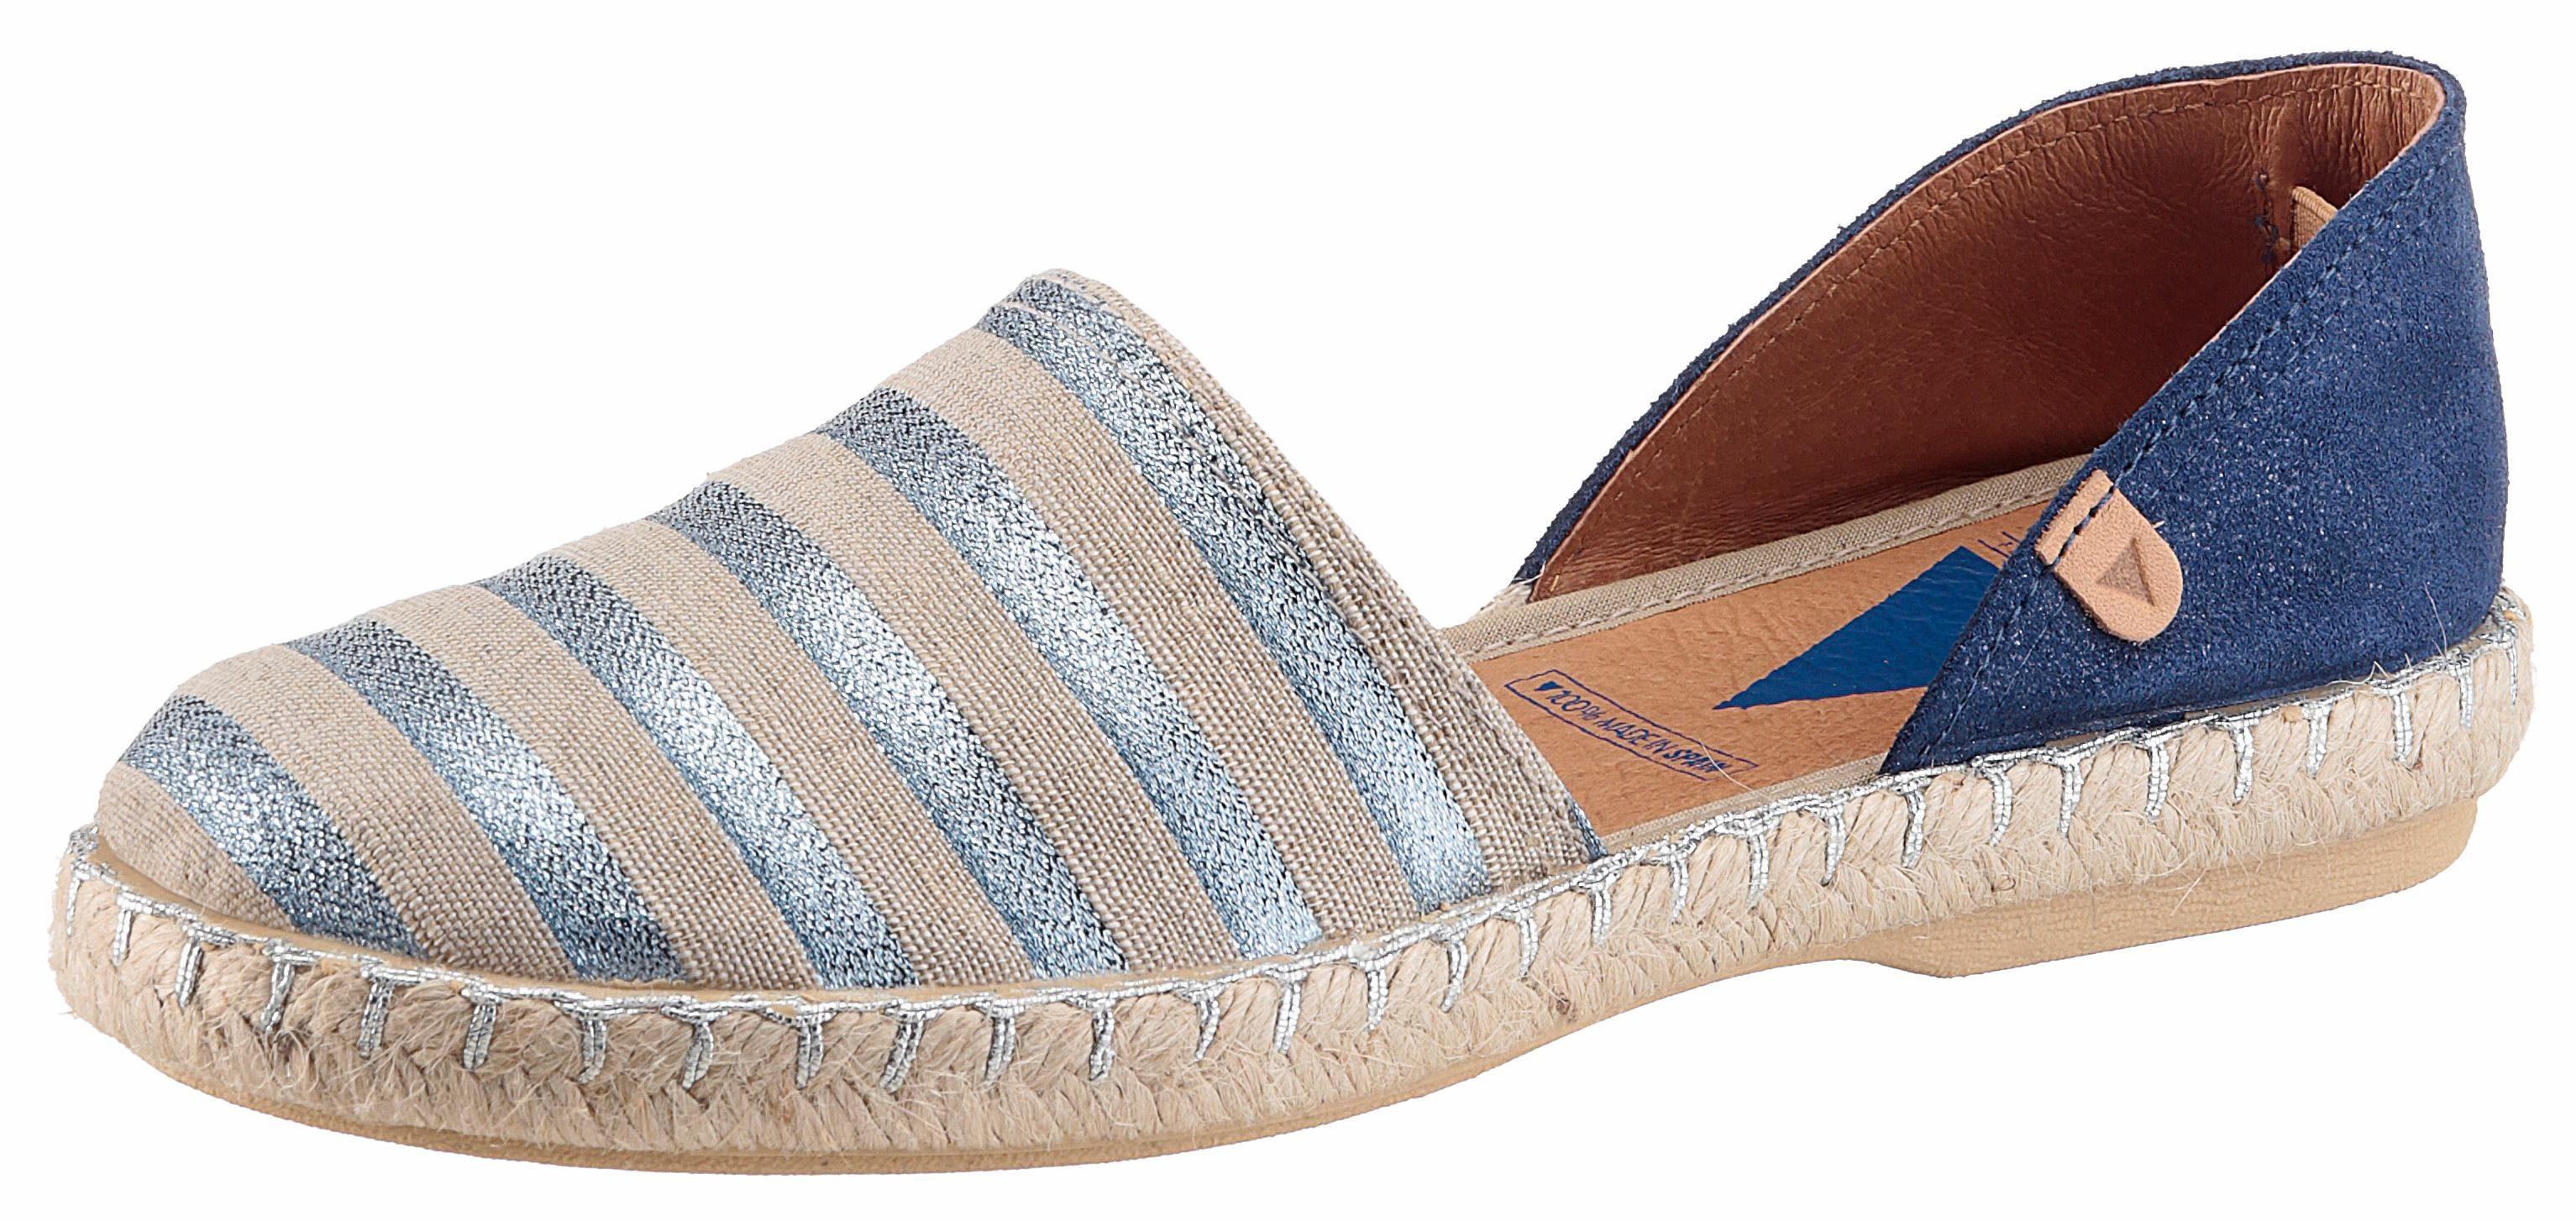 VERBENAS Espadrille, mit schönen Glitzer-Streifen  taupe-blau